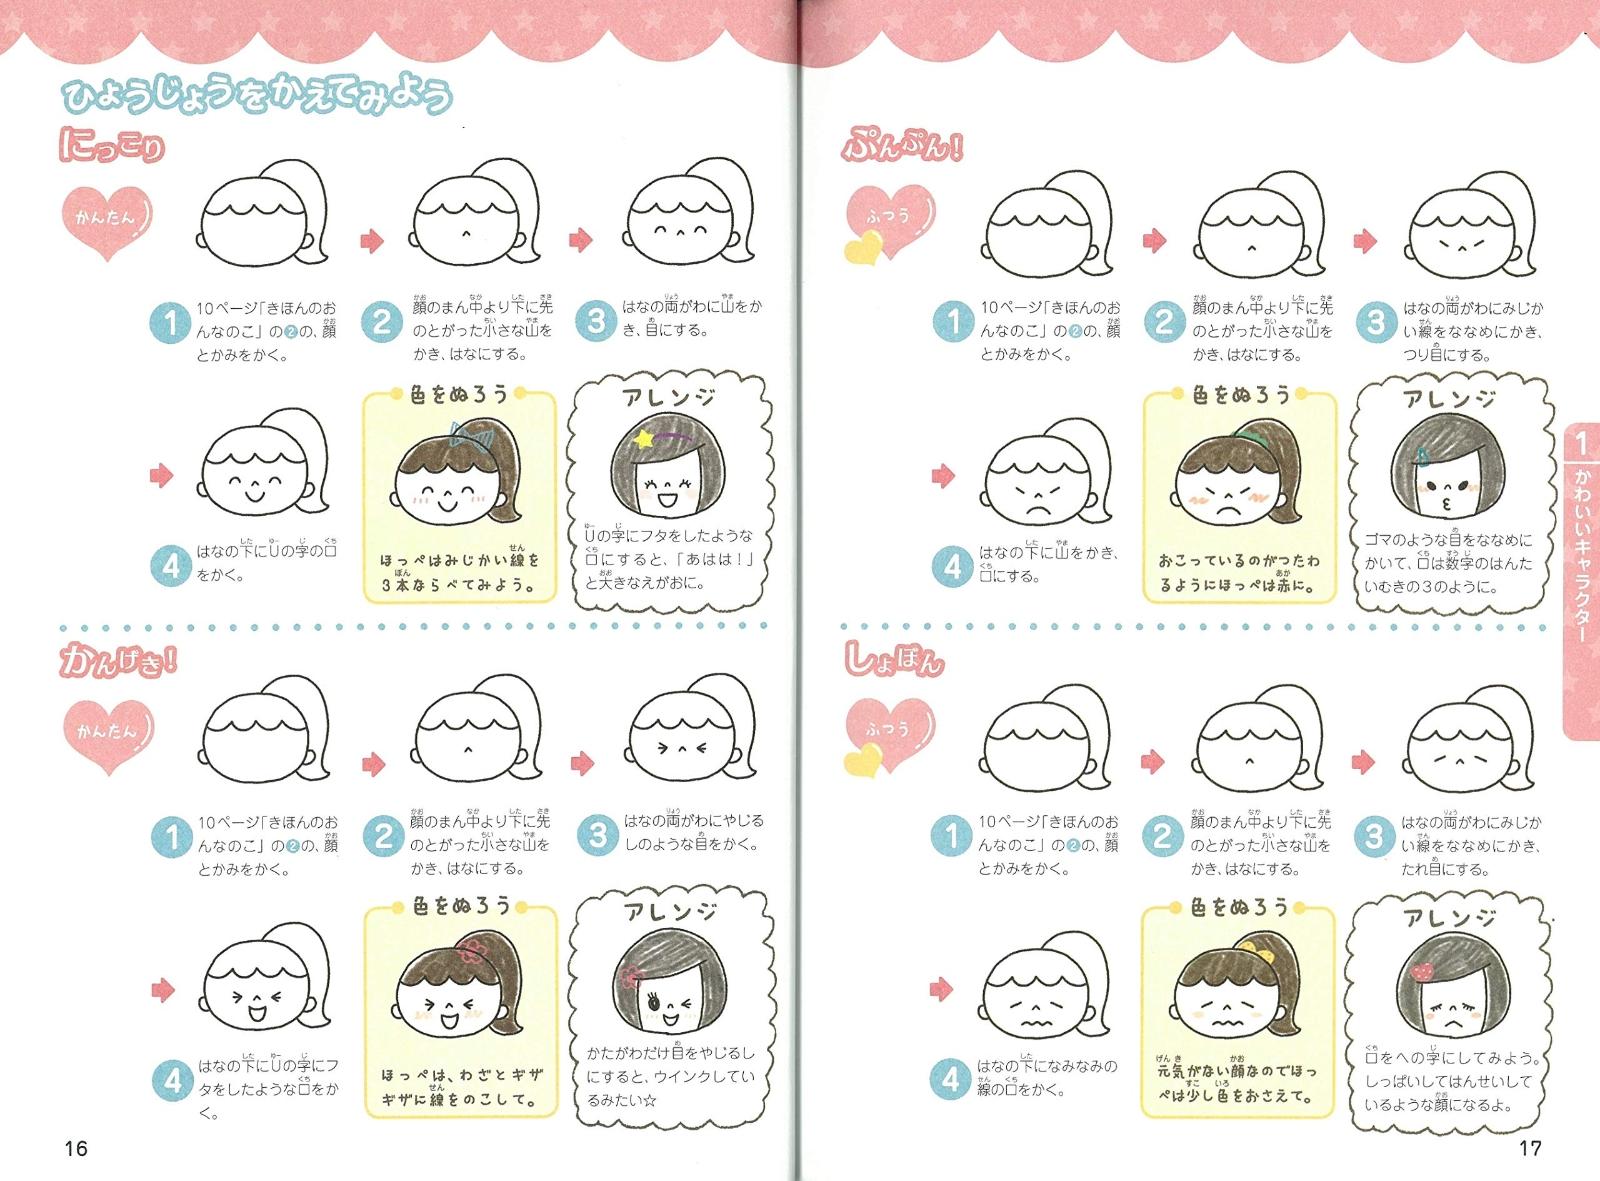 楽天ブックス まねしてかんたん 女の子のかわいいイラスト おえかき レッスンブック 新版 Yuu 本